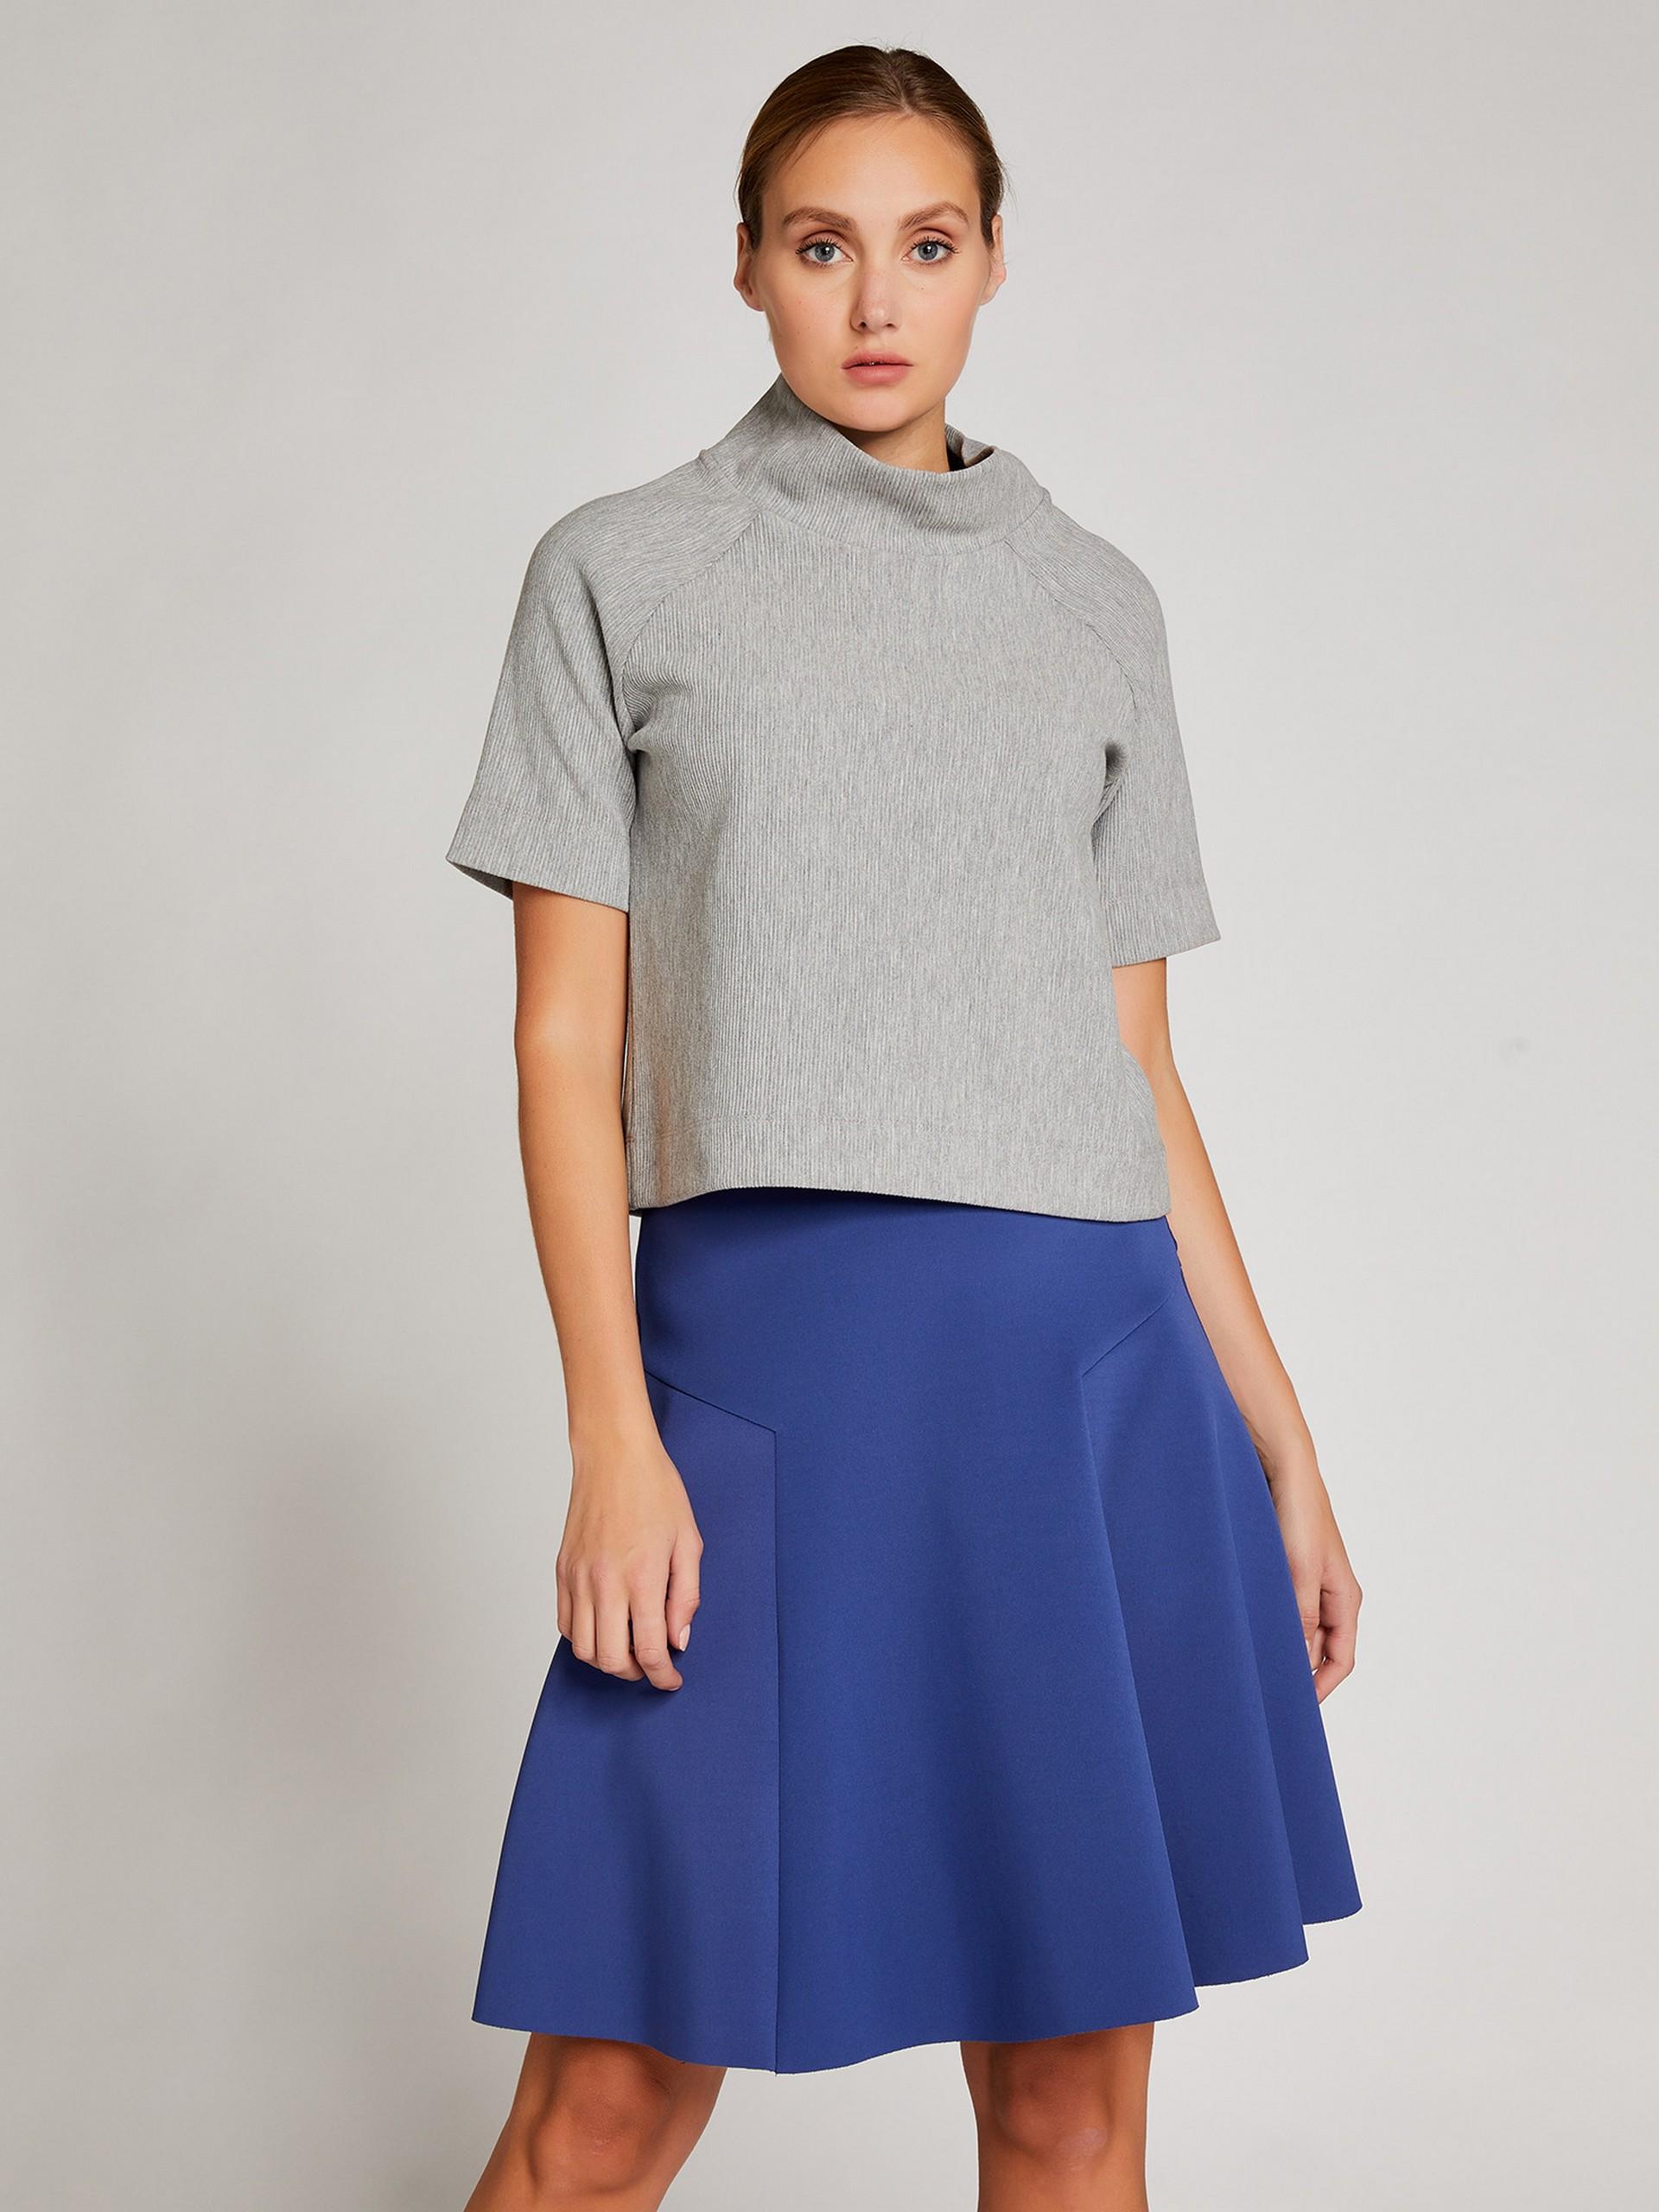 Scuba Pleated Skirt